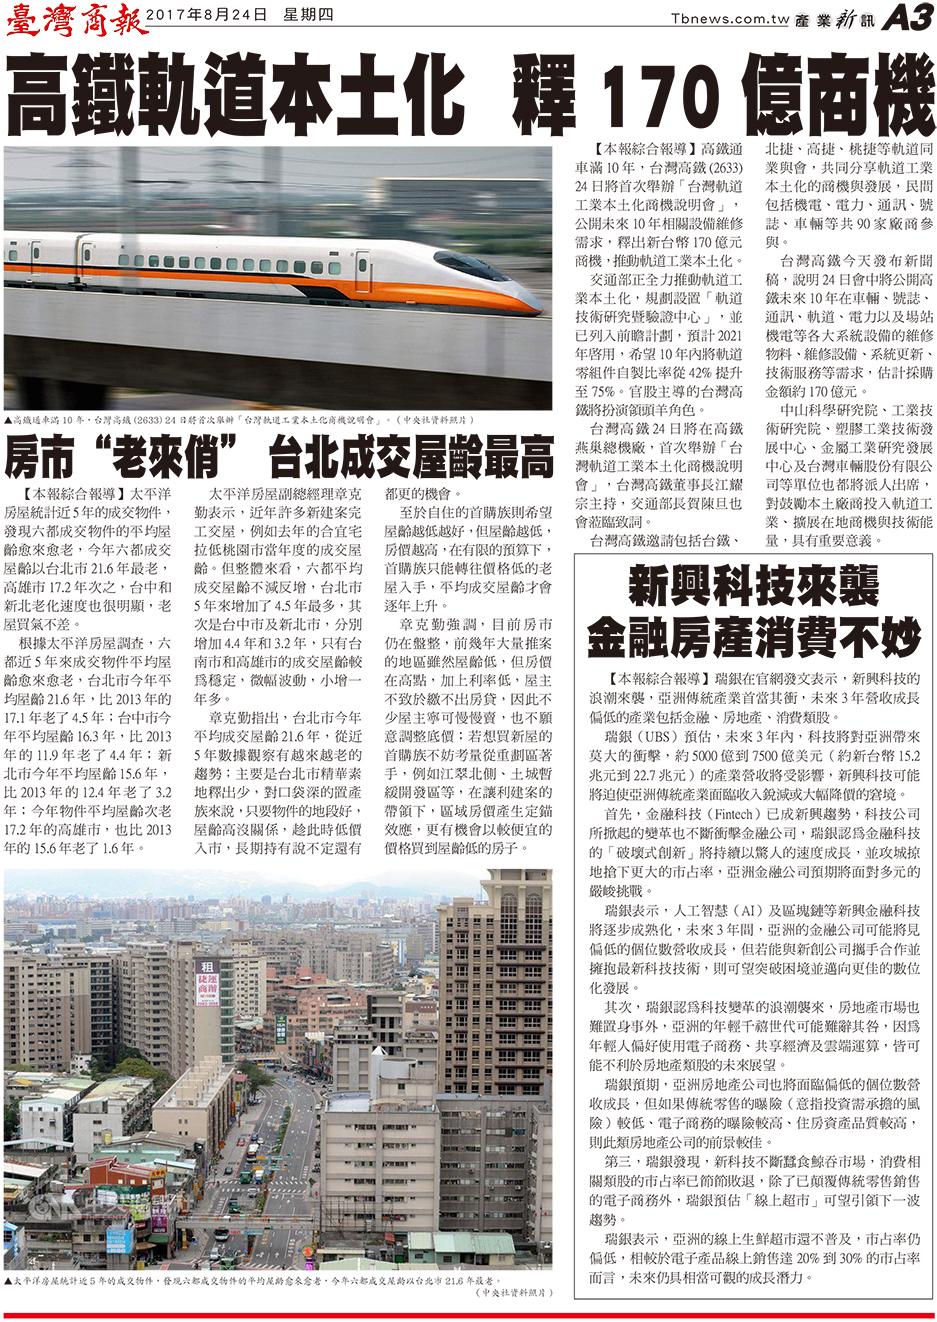 高鐵軌道本土化 釋 170 億商機